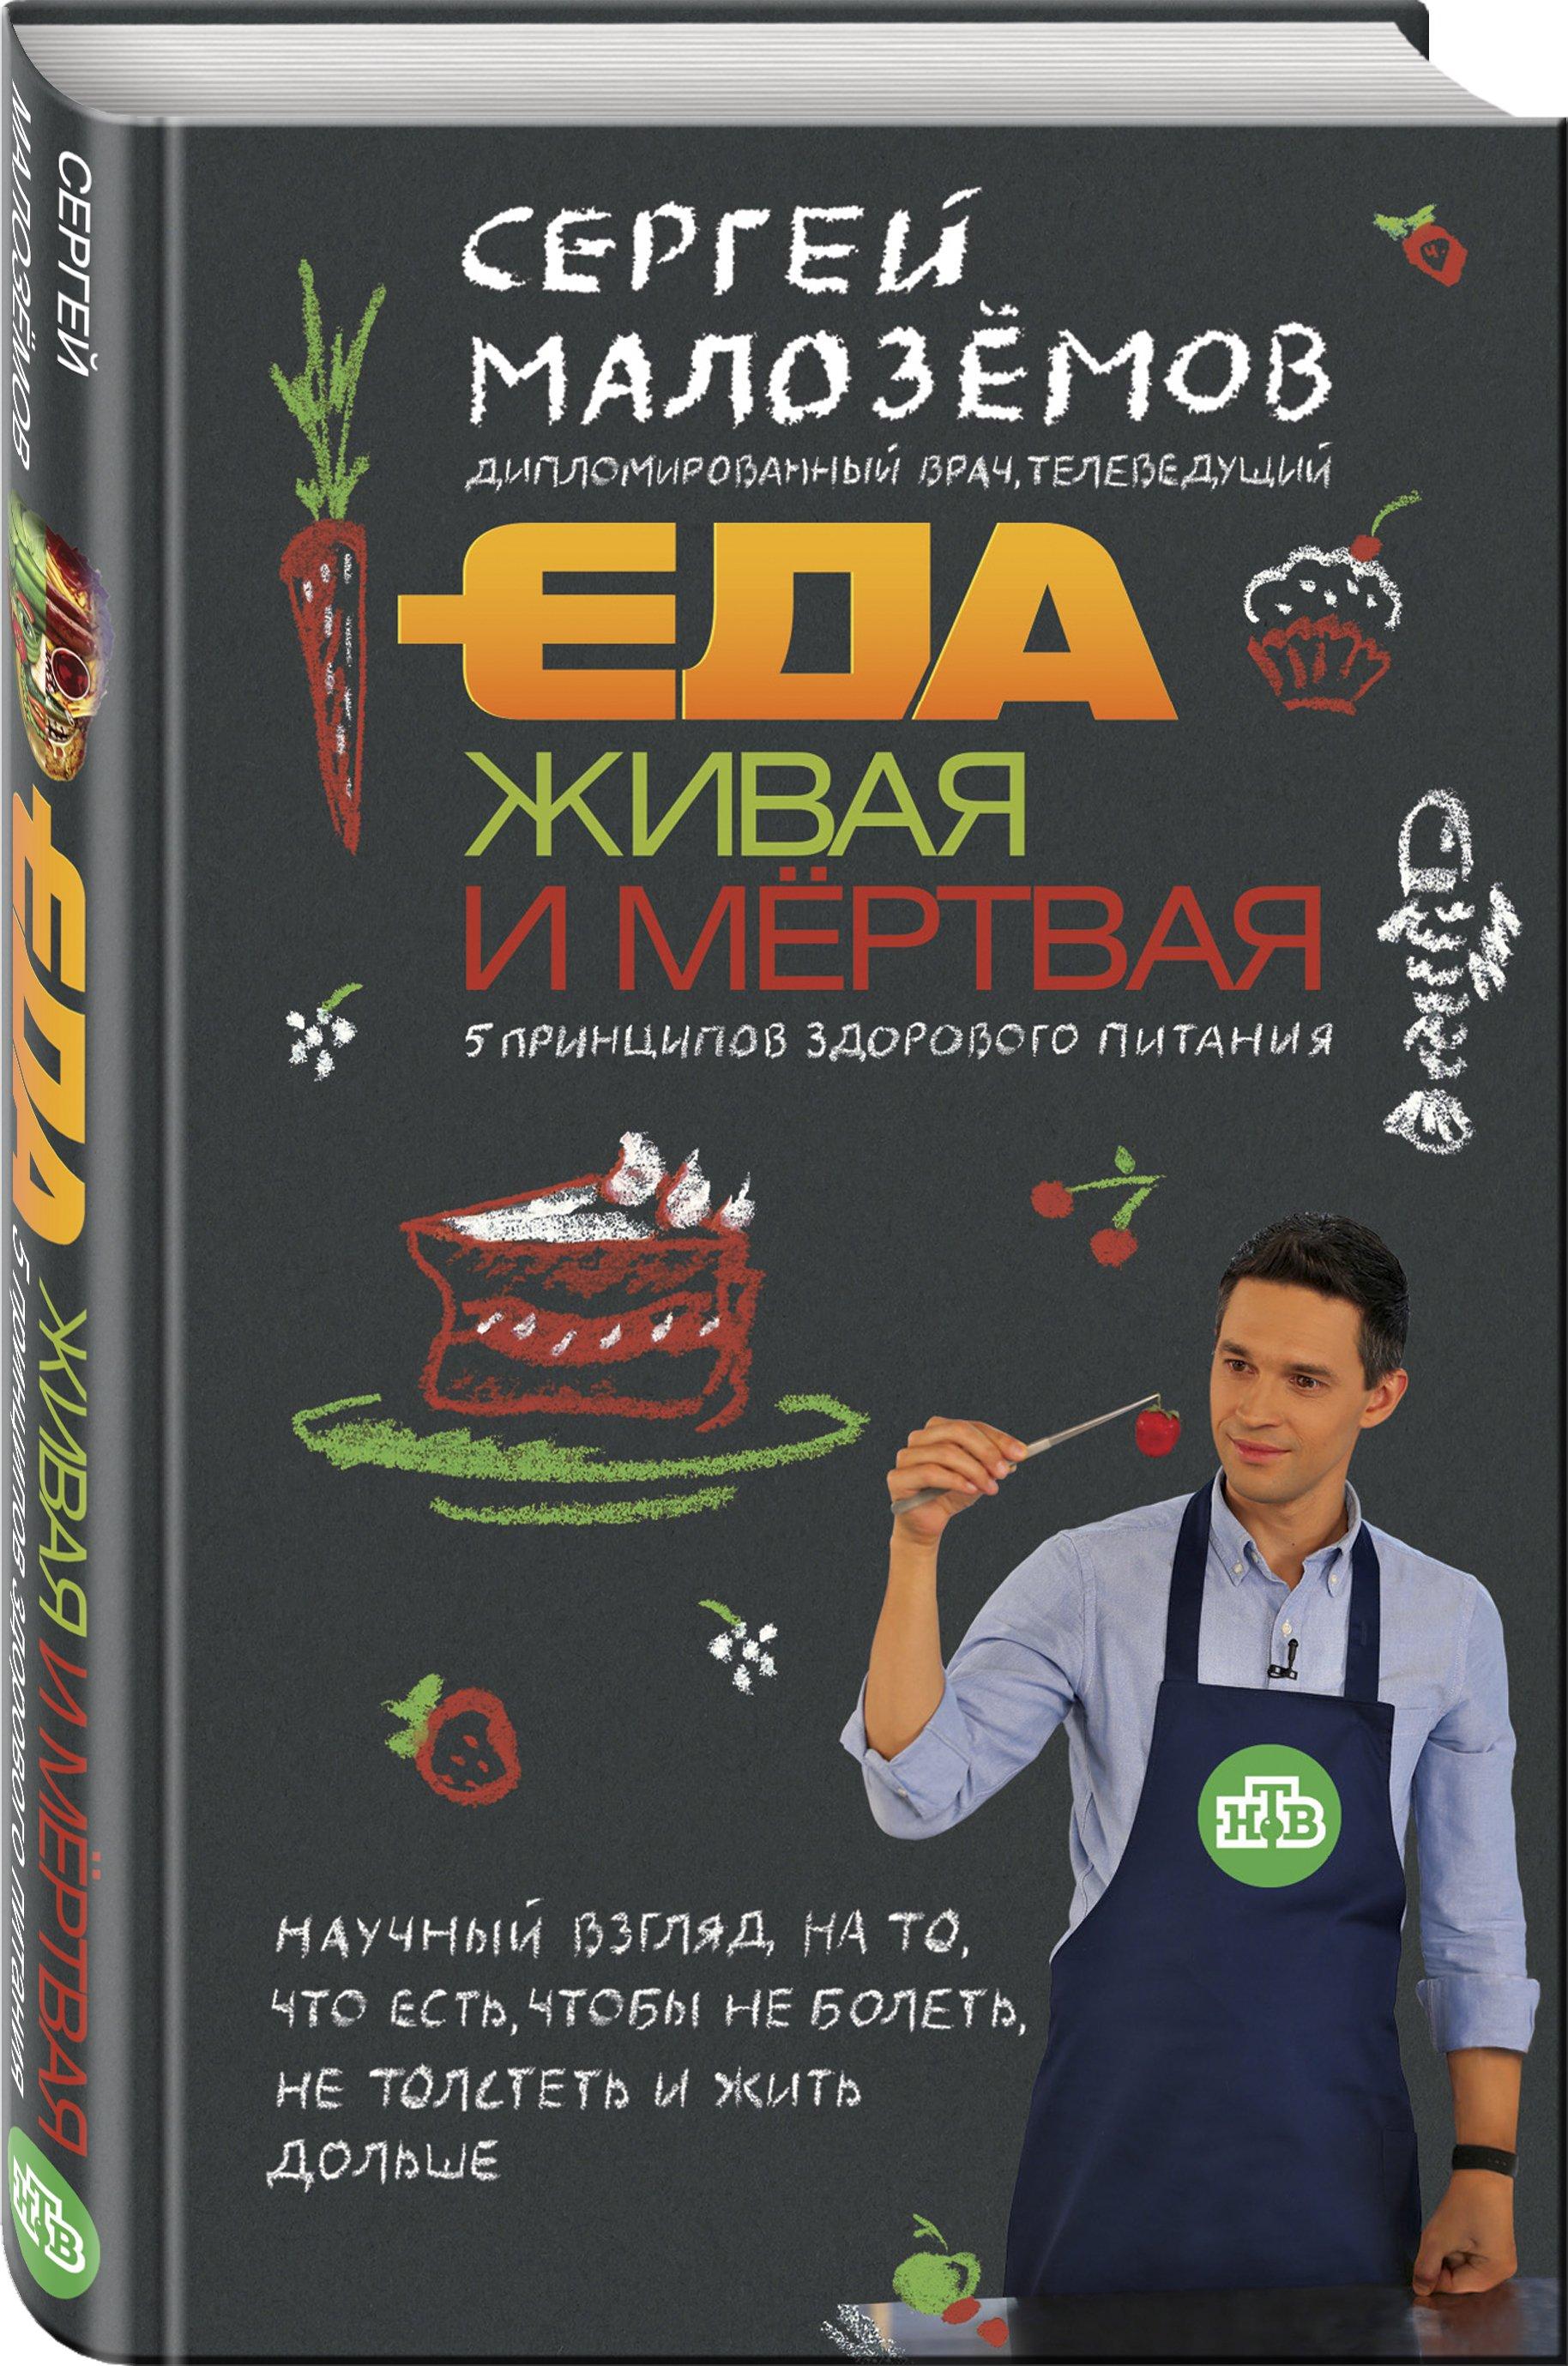 Сергей Малоземов Еда живая и мертвая. 5 принципов здорового питания малоземов с еда живая и мертвая научные принципы похудения